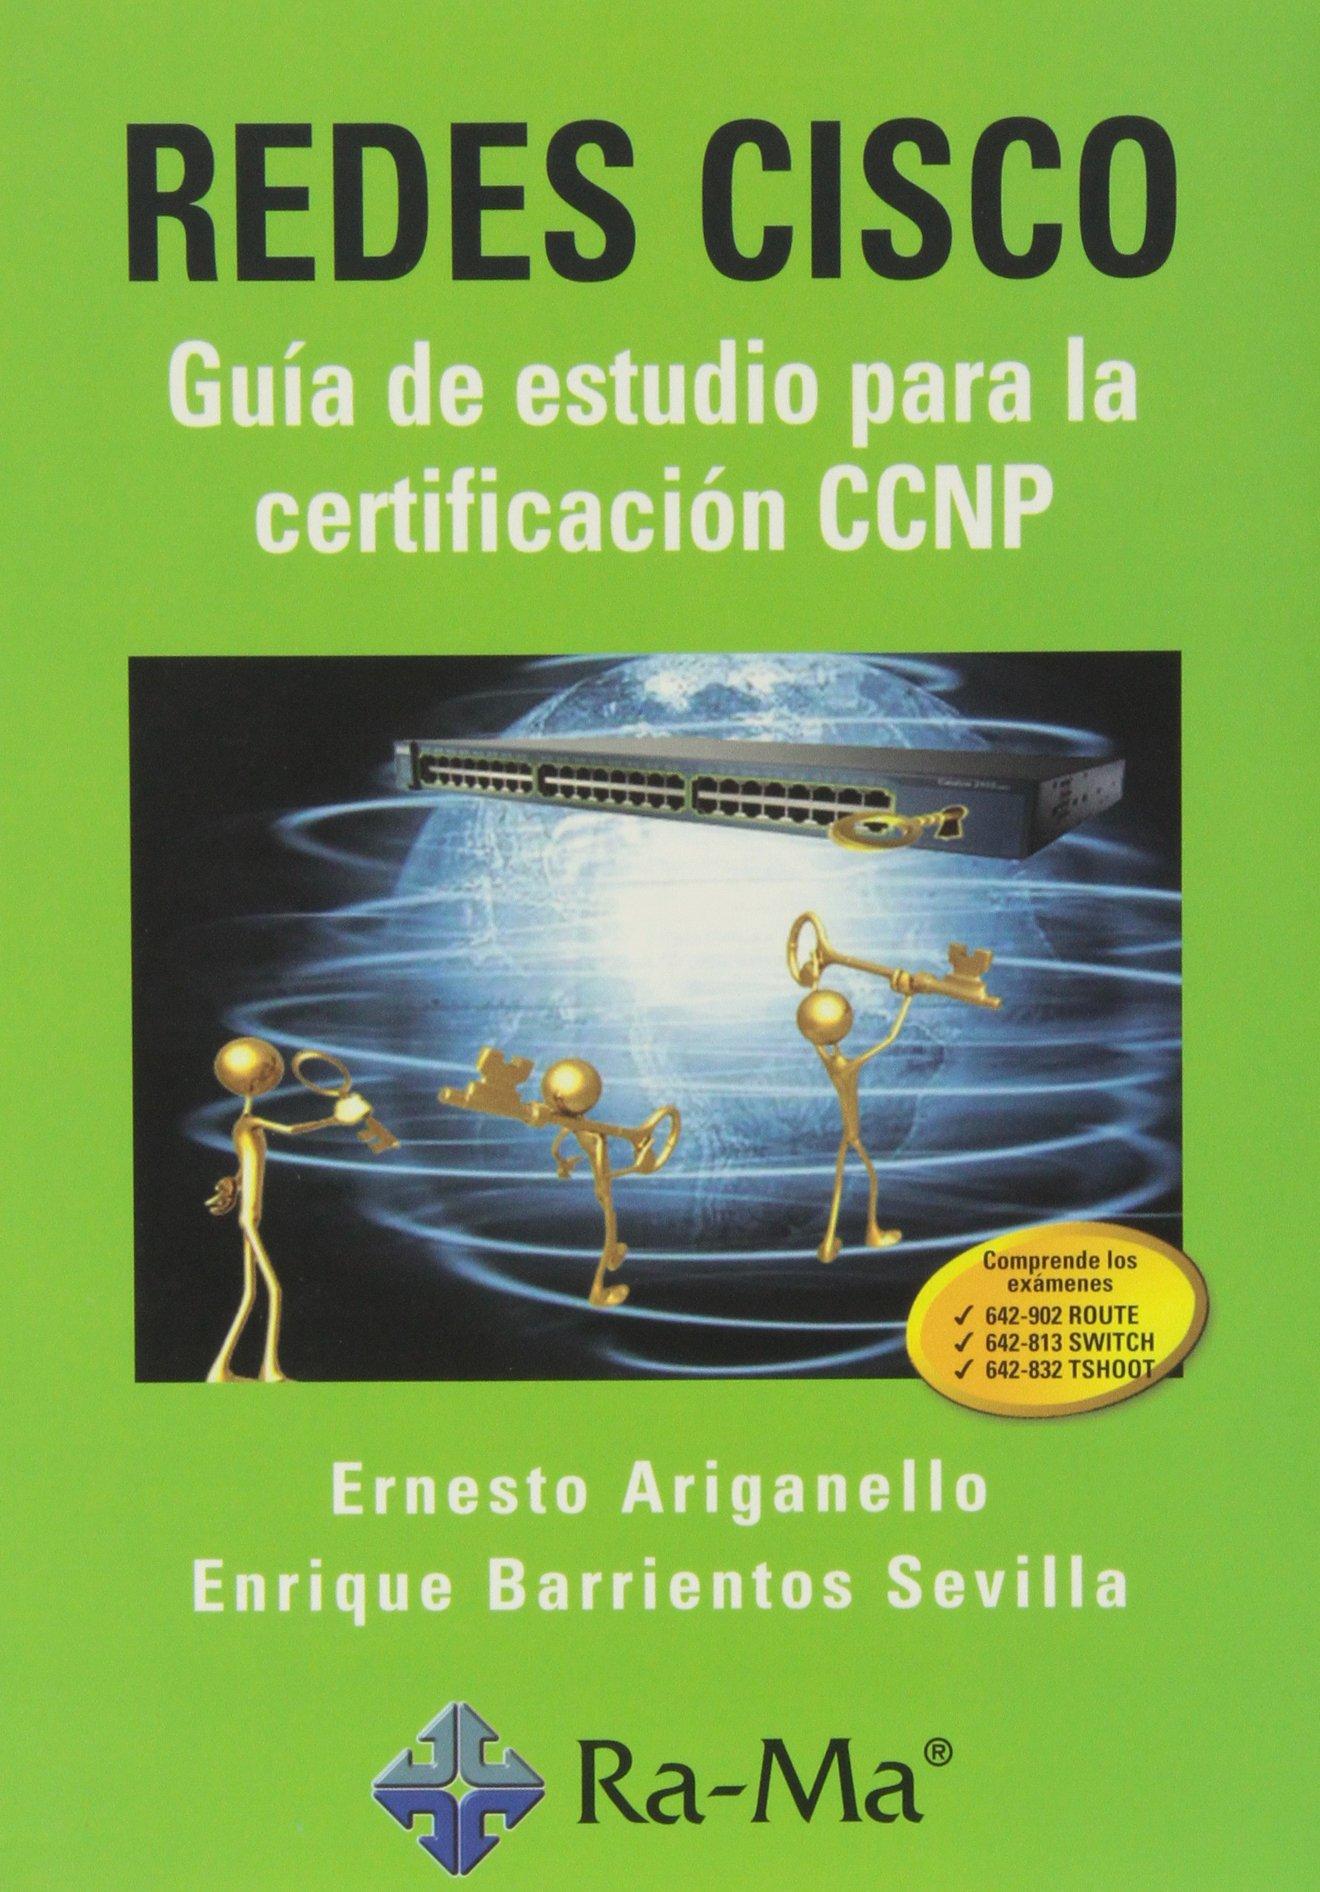 Redes CISCO. Guía de estudio para la certificación CCNP Tapa blanda – 1 ene 2014 Ernesto Ariganello Enrique Barrientos Sevilla ANTONIO GARCIA TOME 8499640354